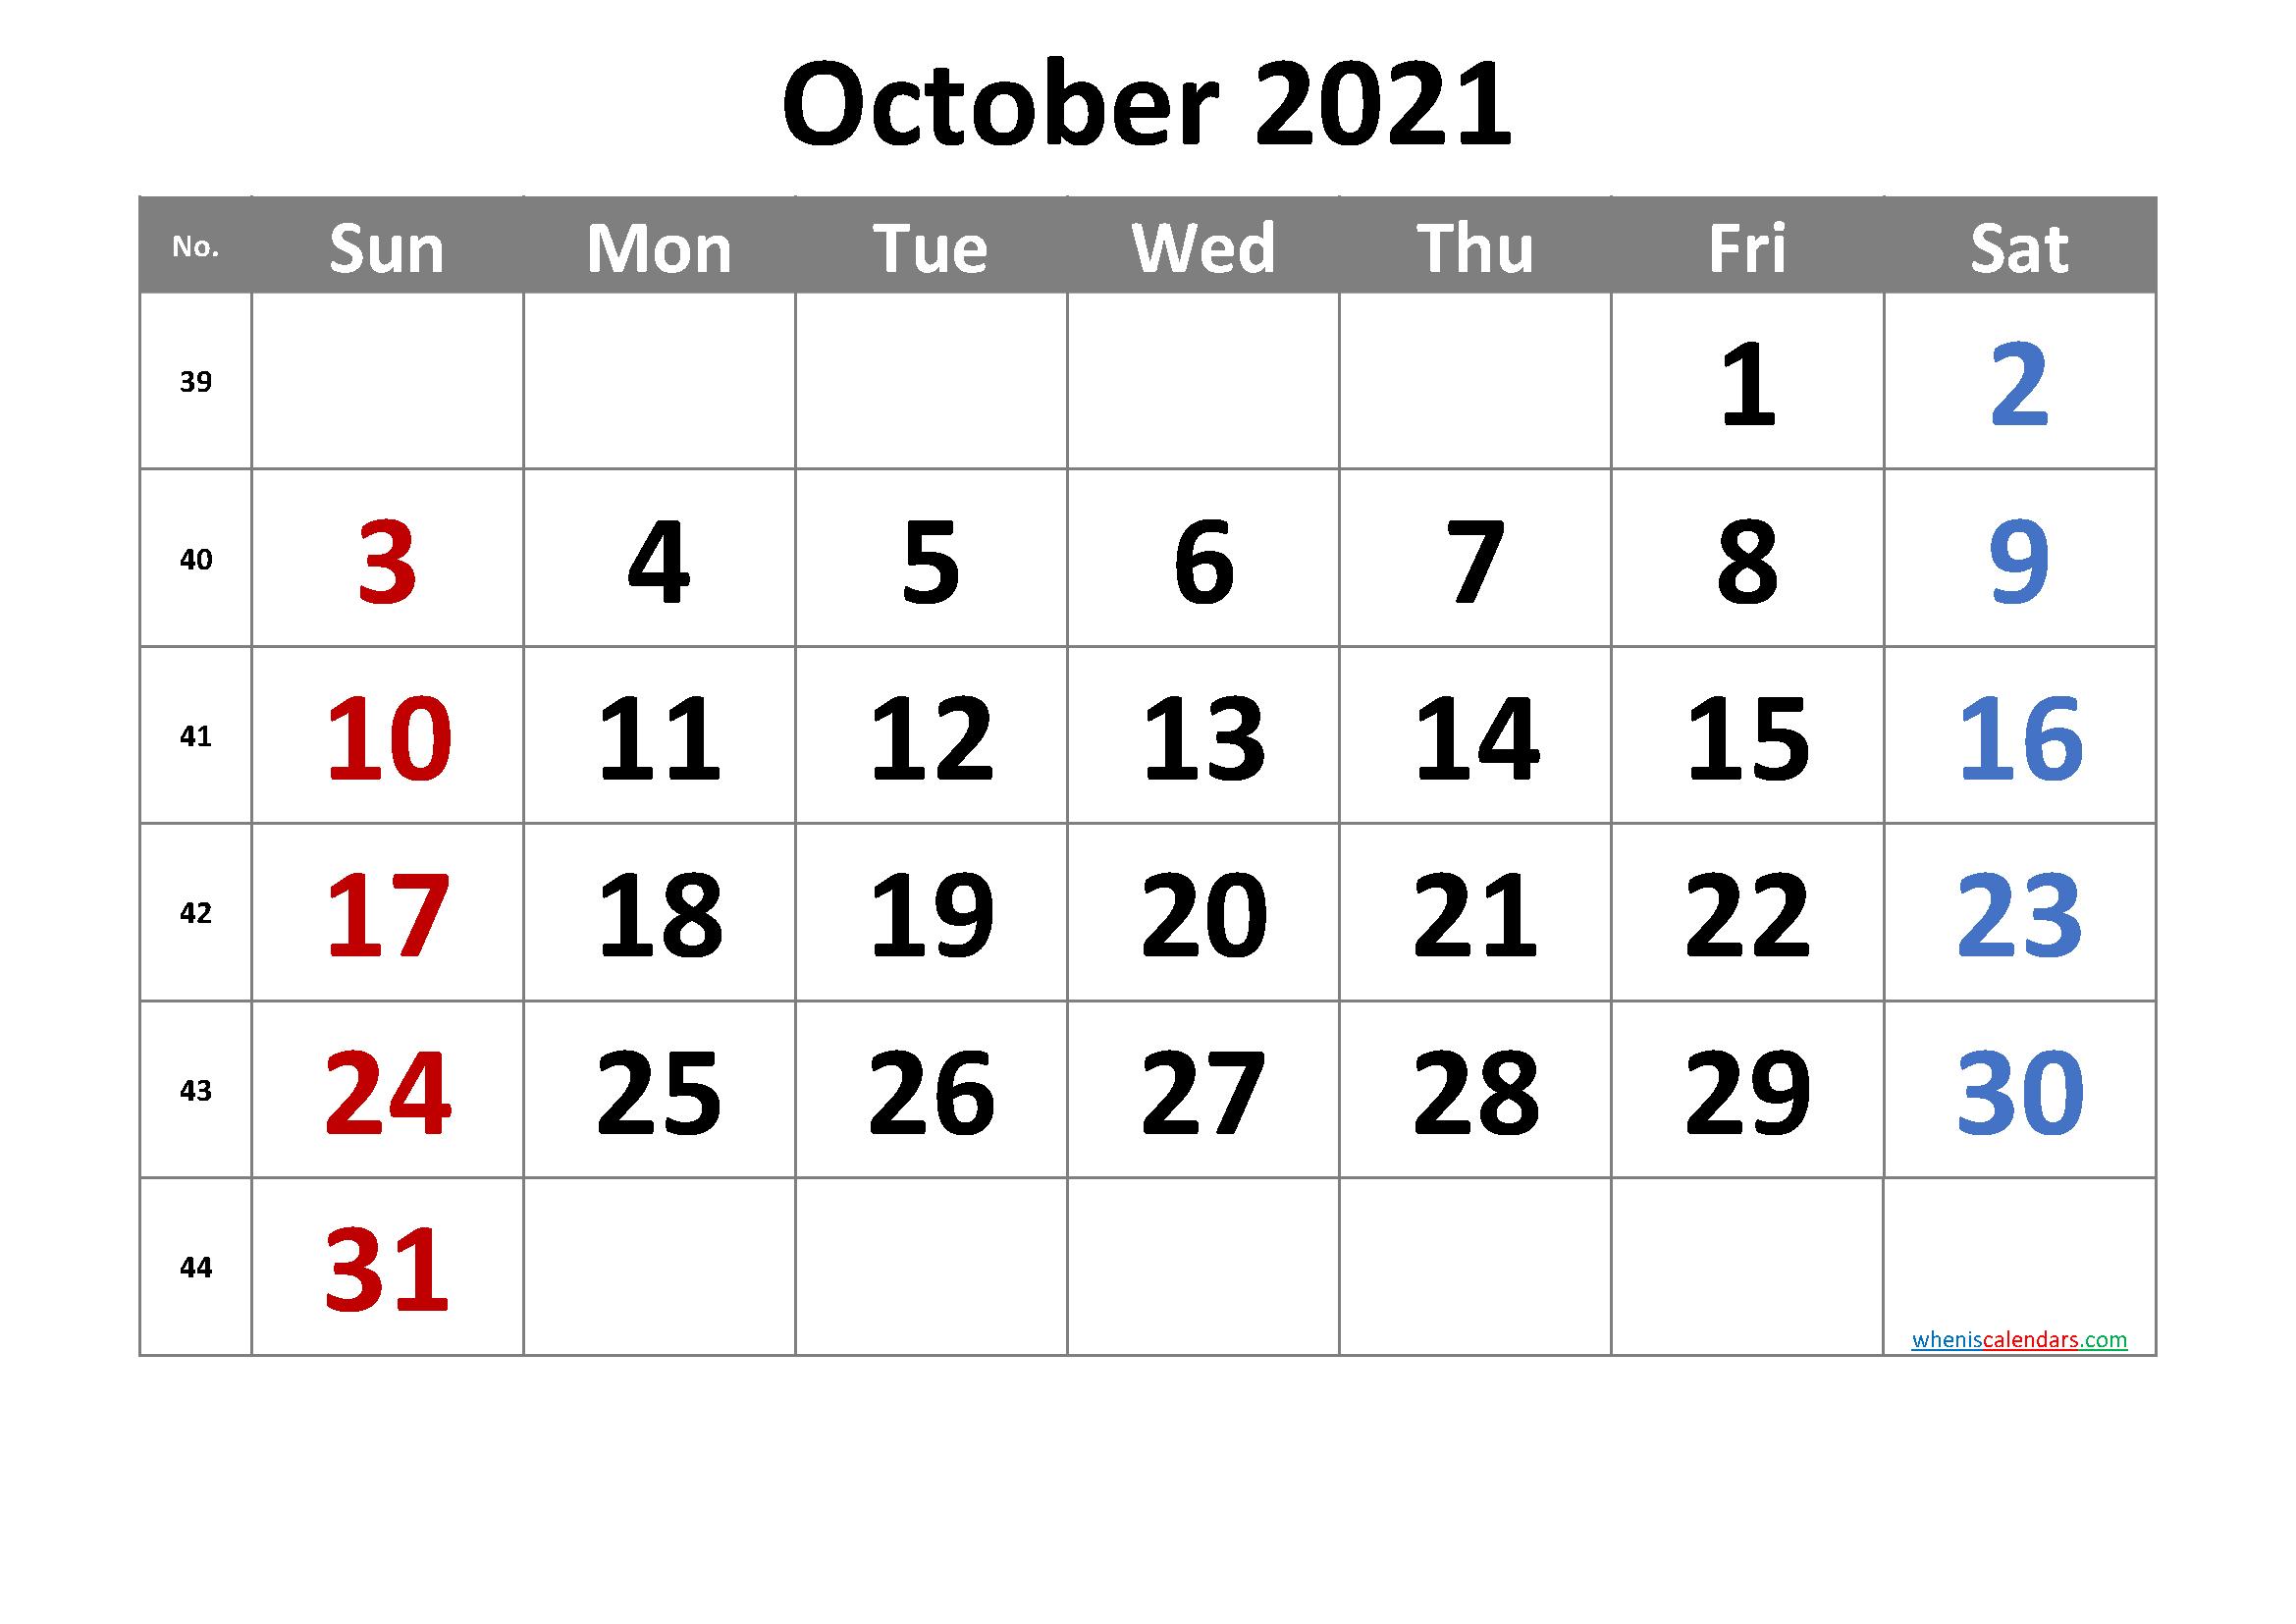 2021 Calendar With Week Number Printable Free / 2021 One Week Schedual Pdf